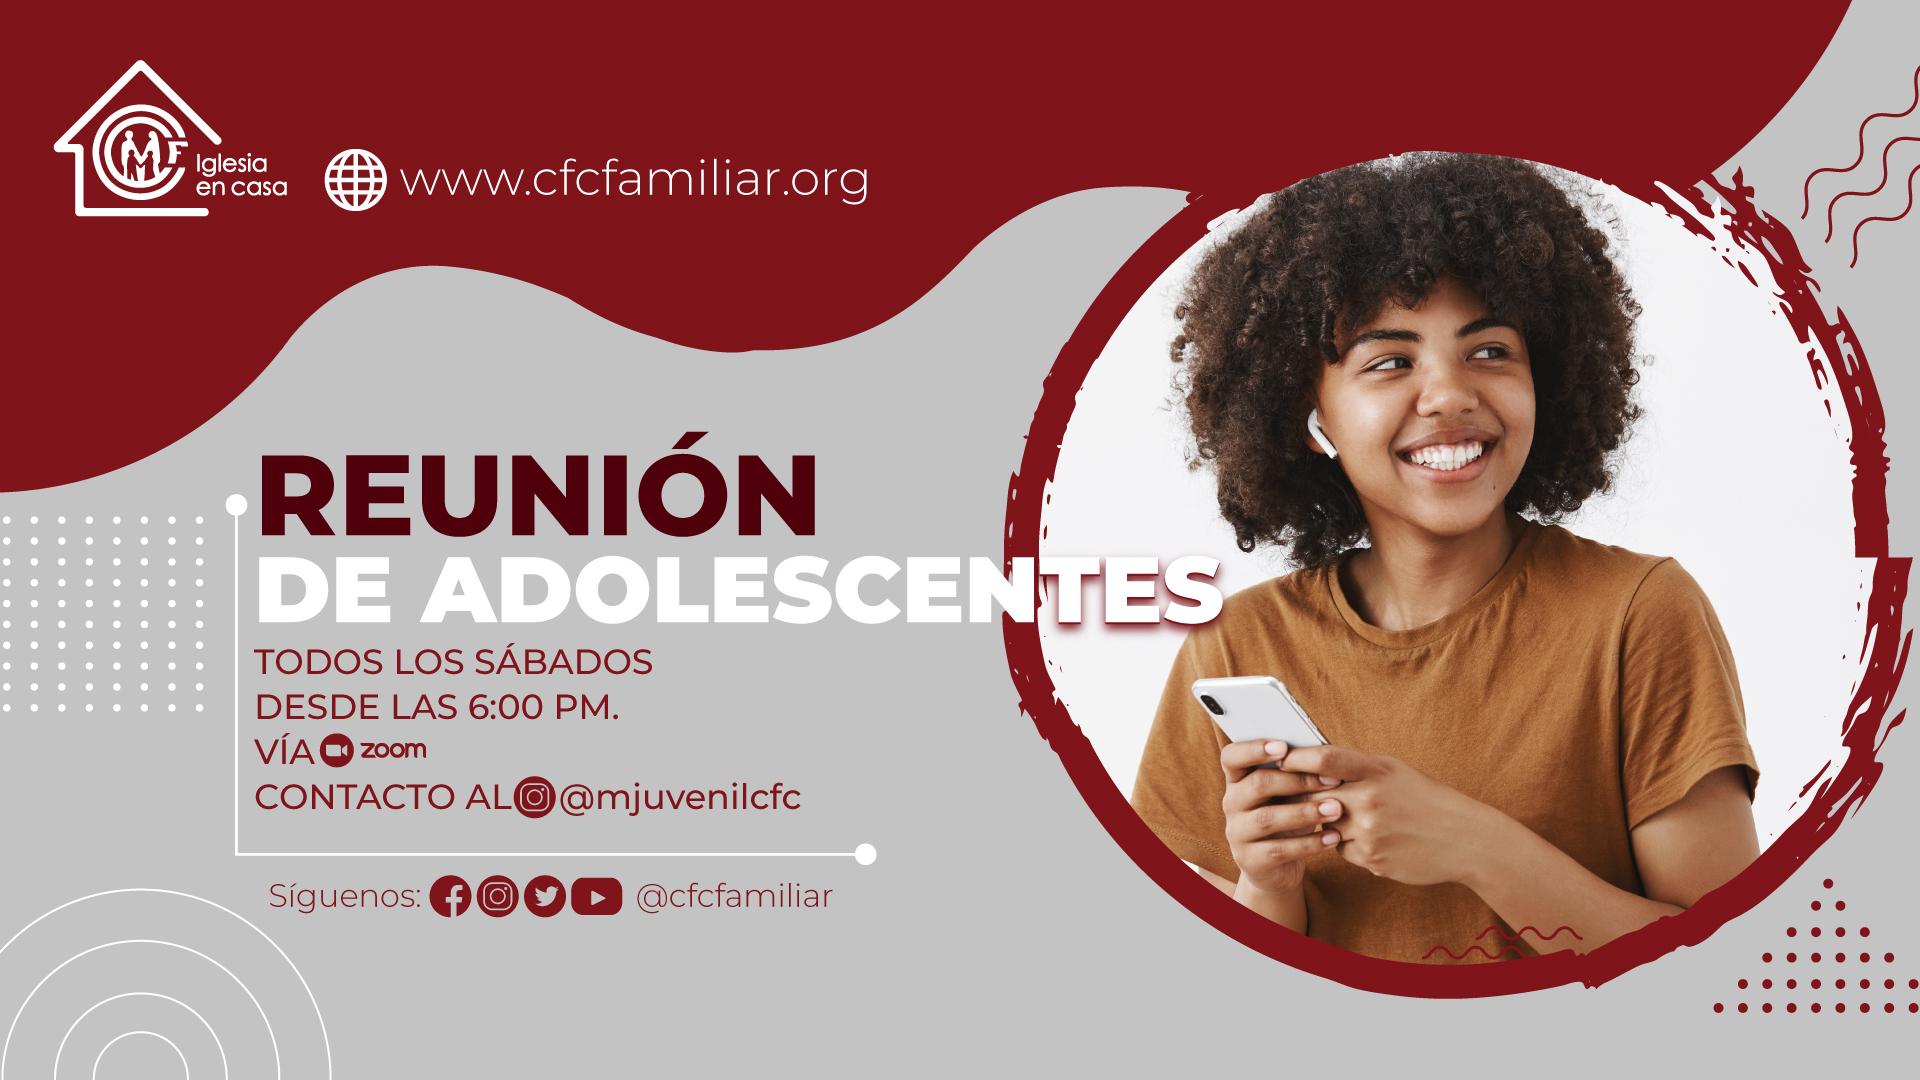 REUNIONES DE ADOLESCENTES 2021